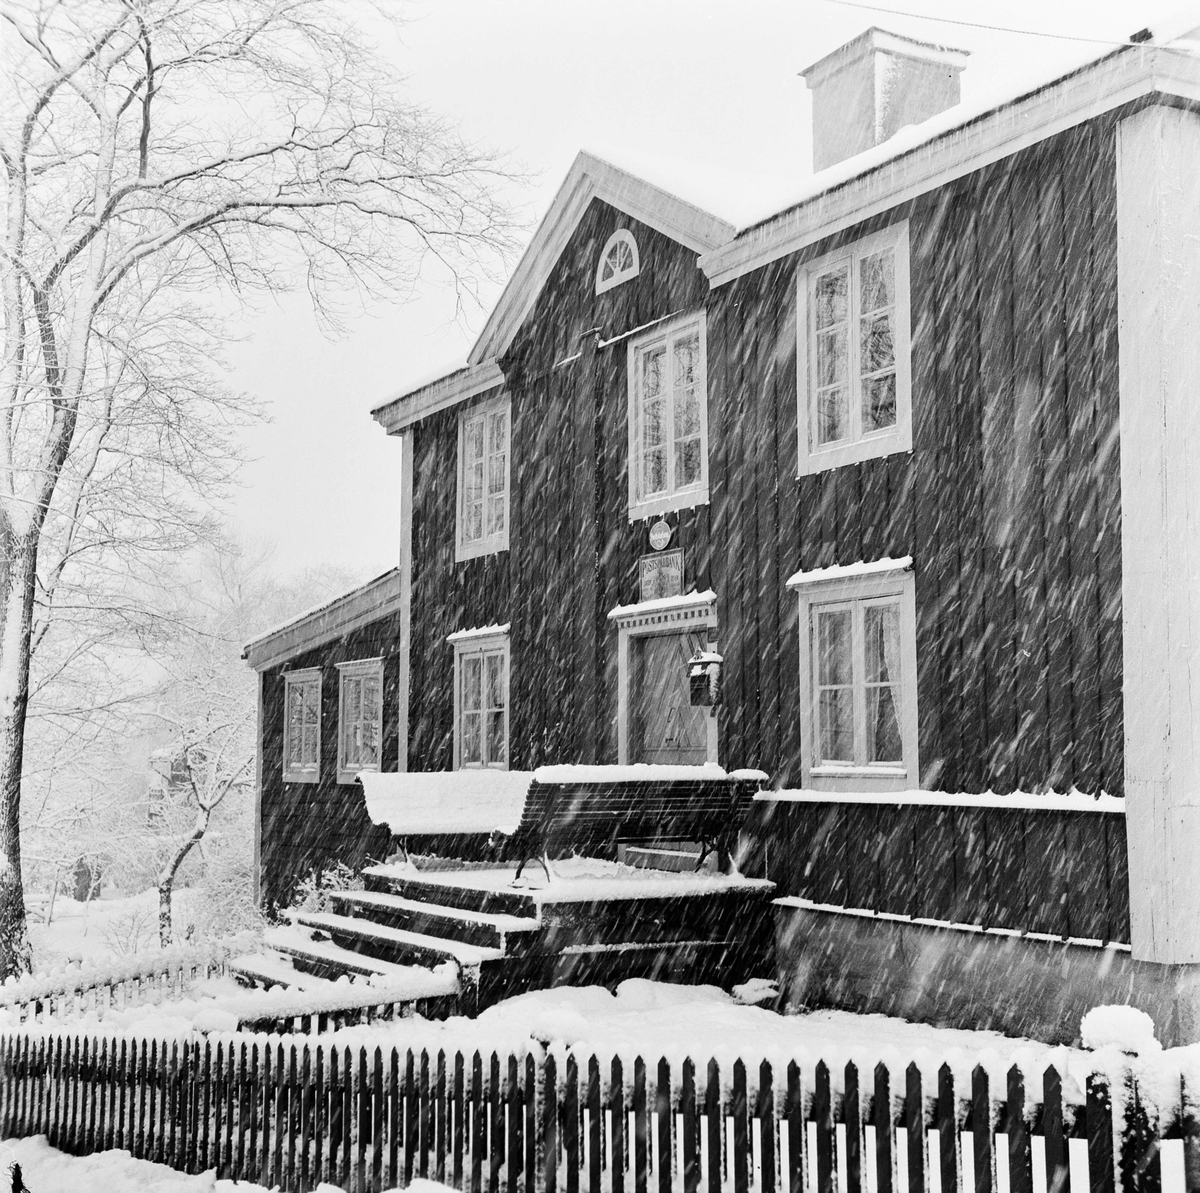 Posthuset på Skansen. Vinter. Snö.